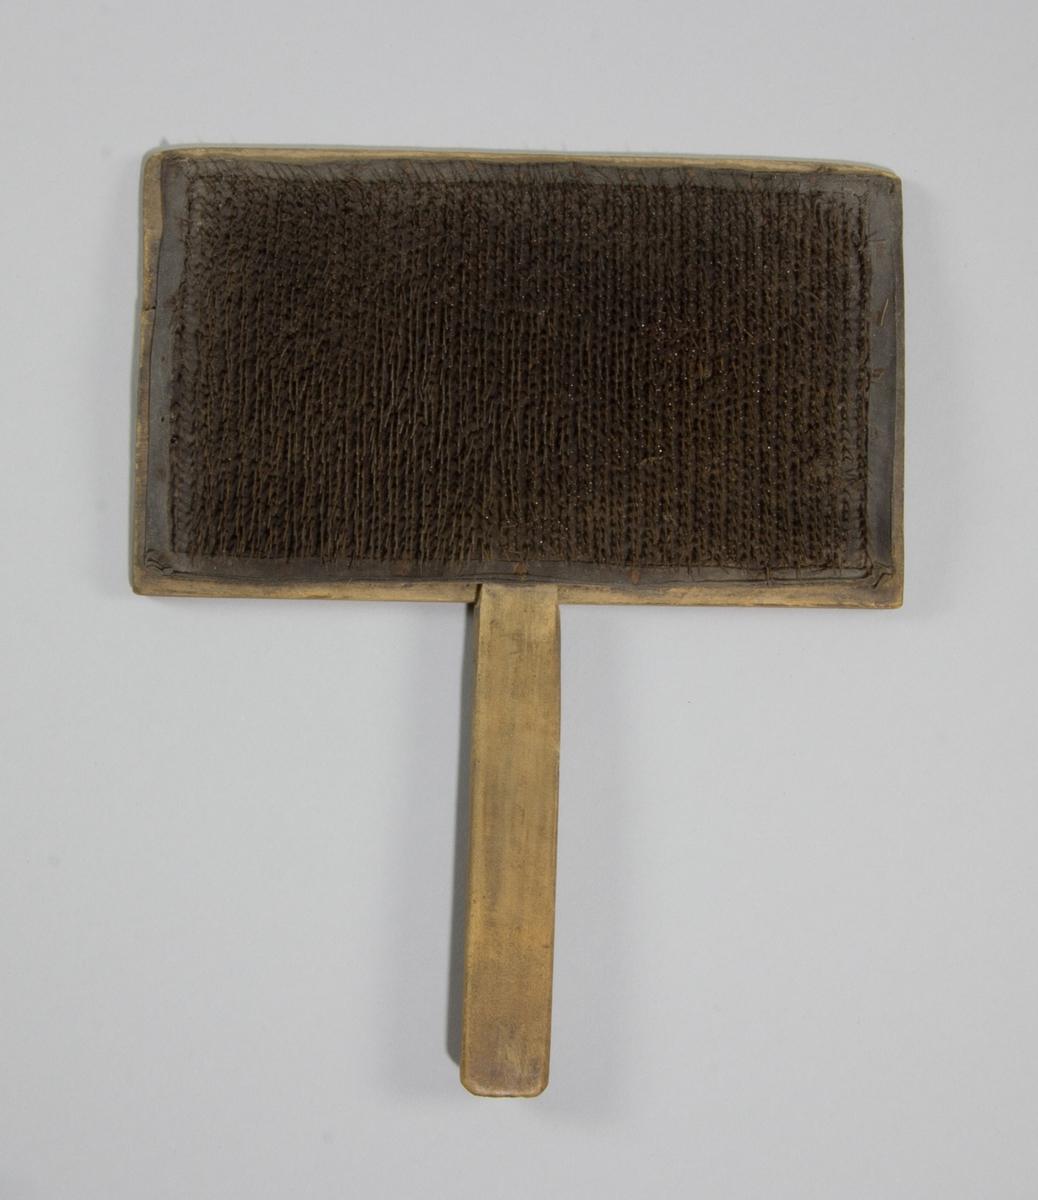 Karda i trä och skinn med piggar av ståltråd. Rektangulär till formen med långt smalt handtag.